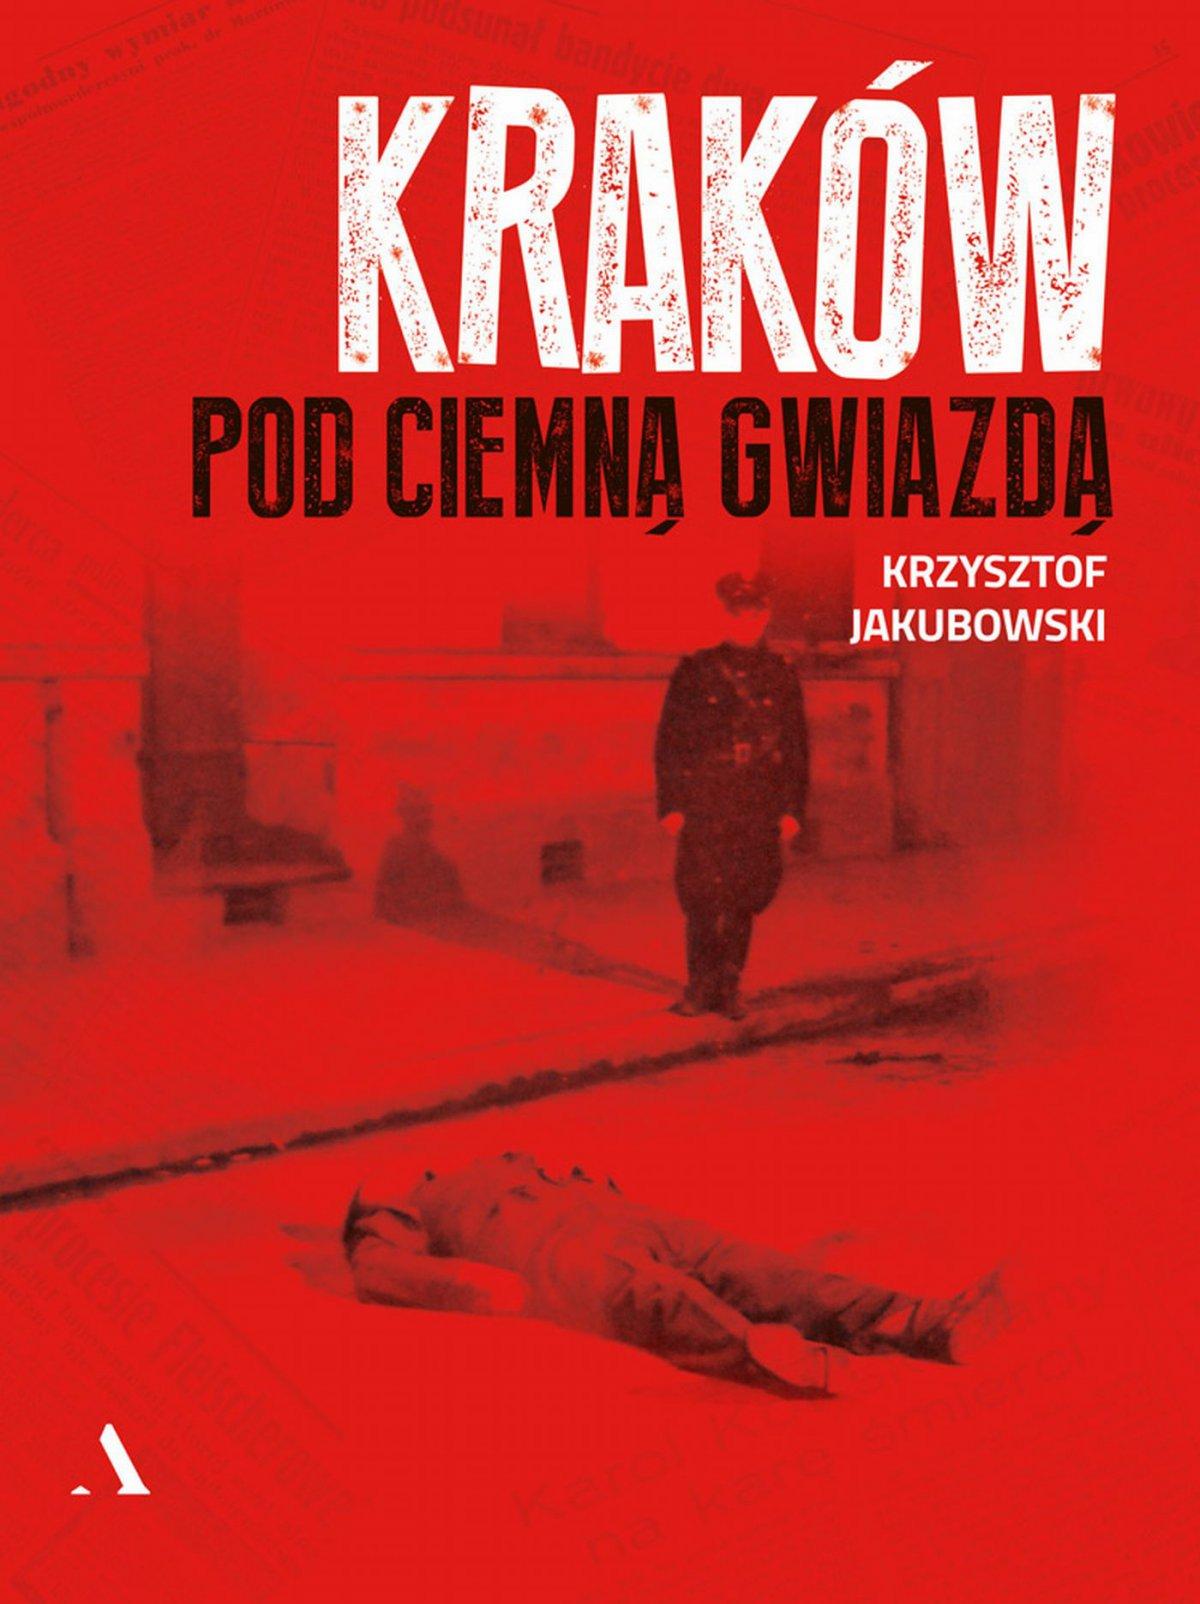 Kraków pod ciemną gwiazdą - Ebook (Książka EPUB) do pobrania w formacie EPUB